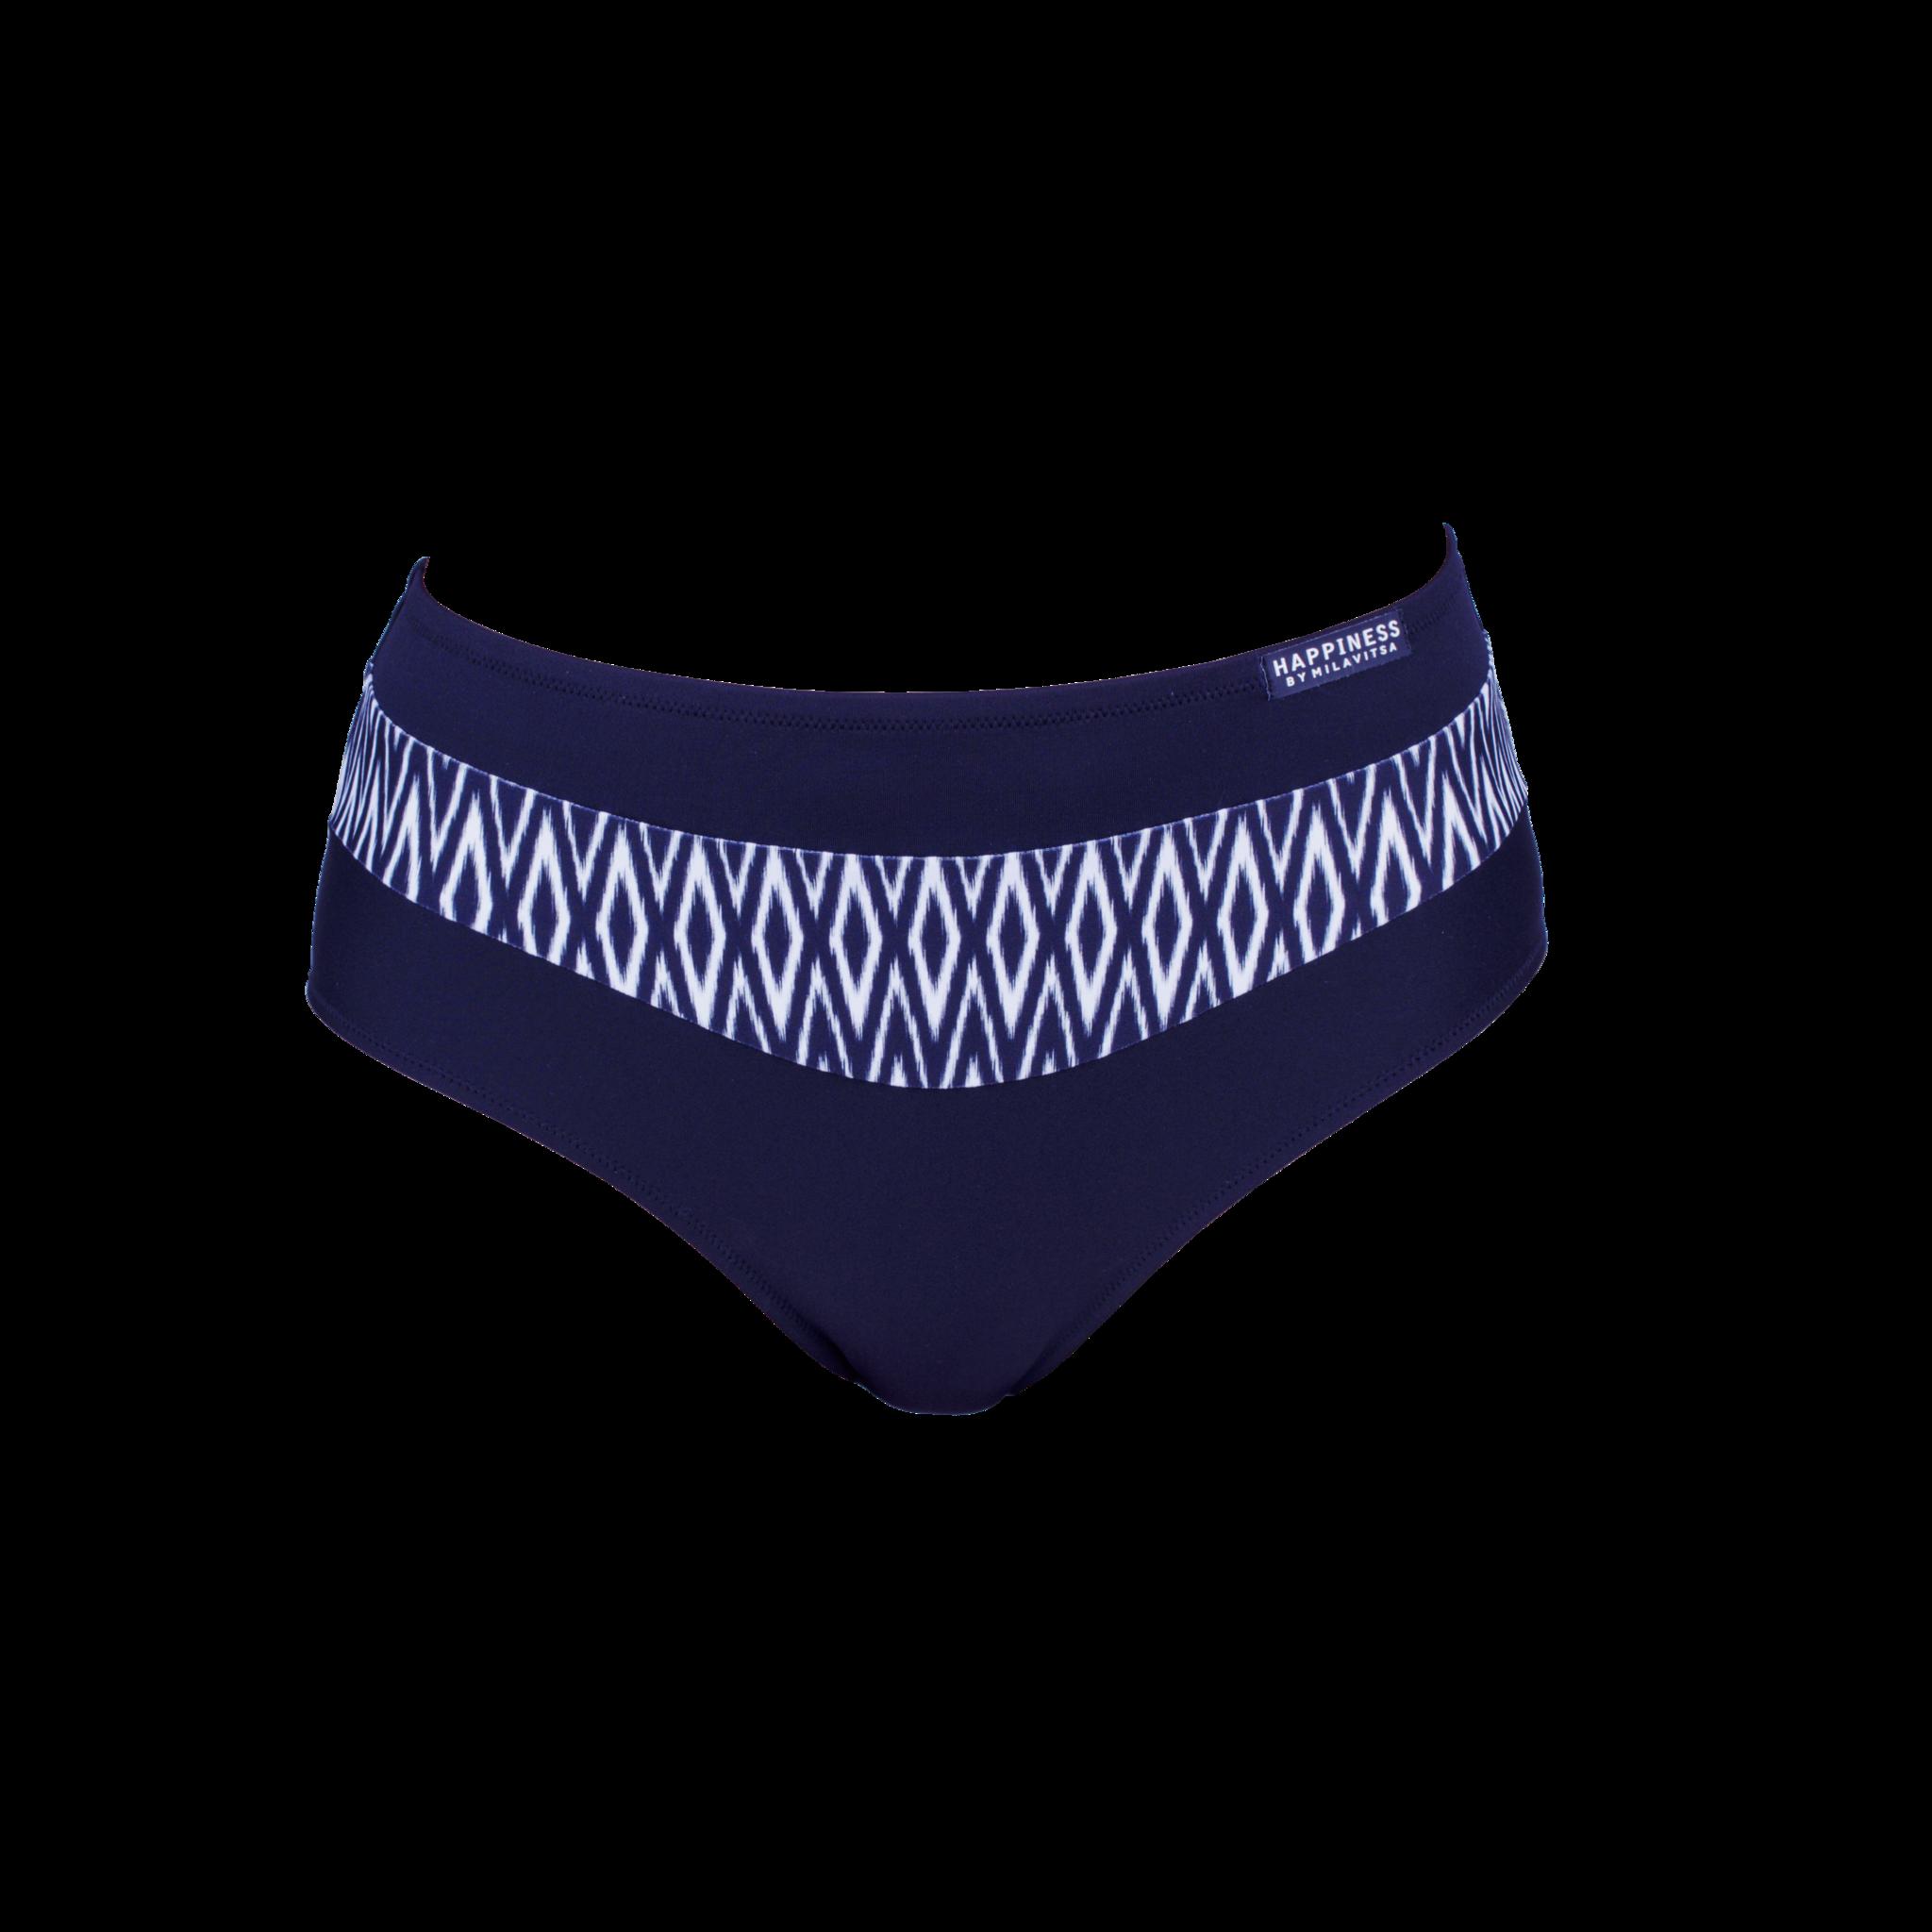 480127 Трусы купальные жен. синий с белым